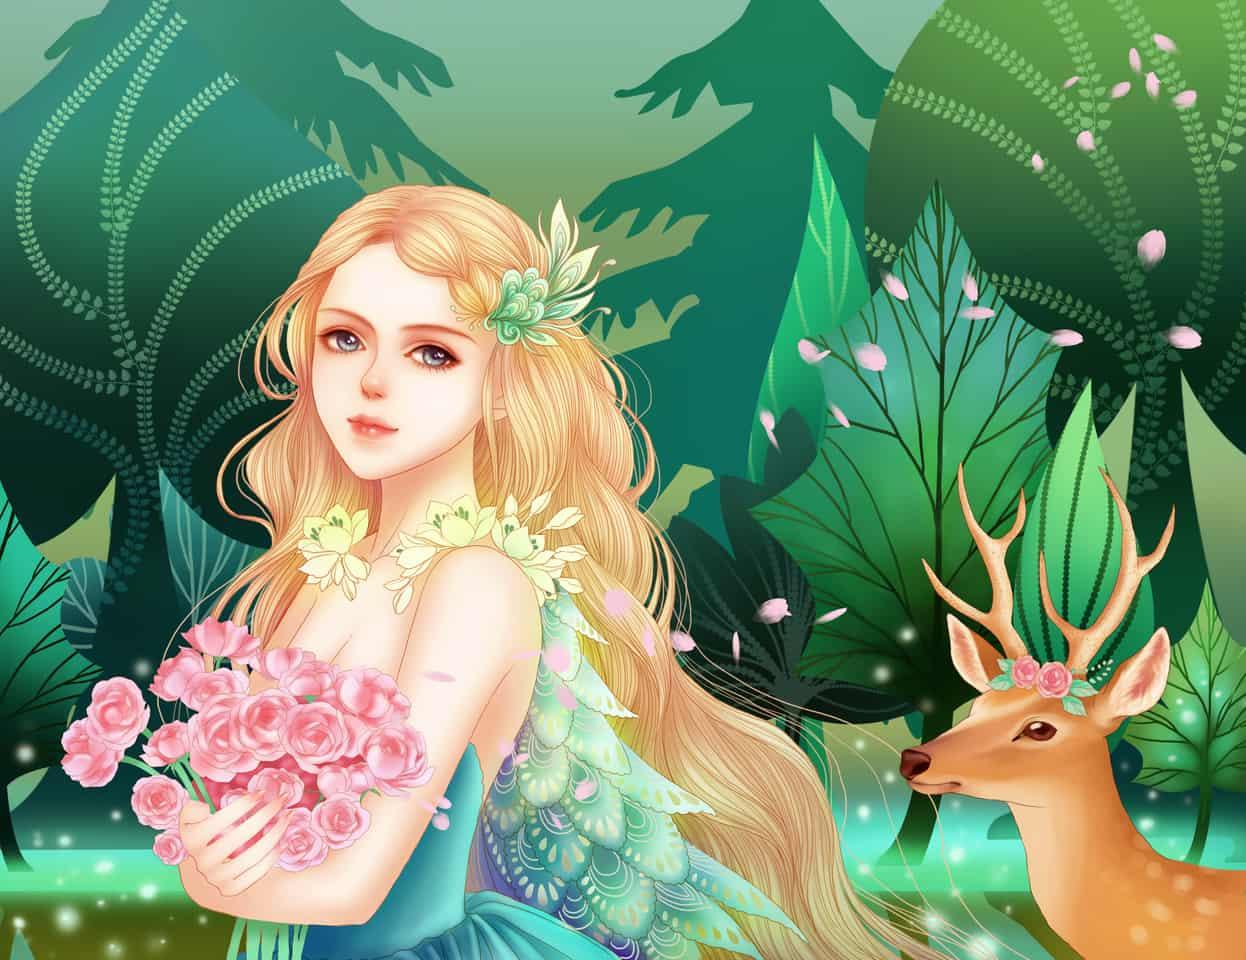 绿叶森林 Illust of 多多和皮皮的姐姐 Jul.2019Contest